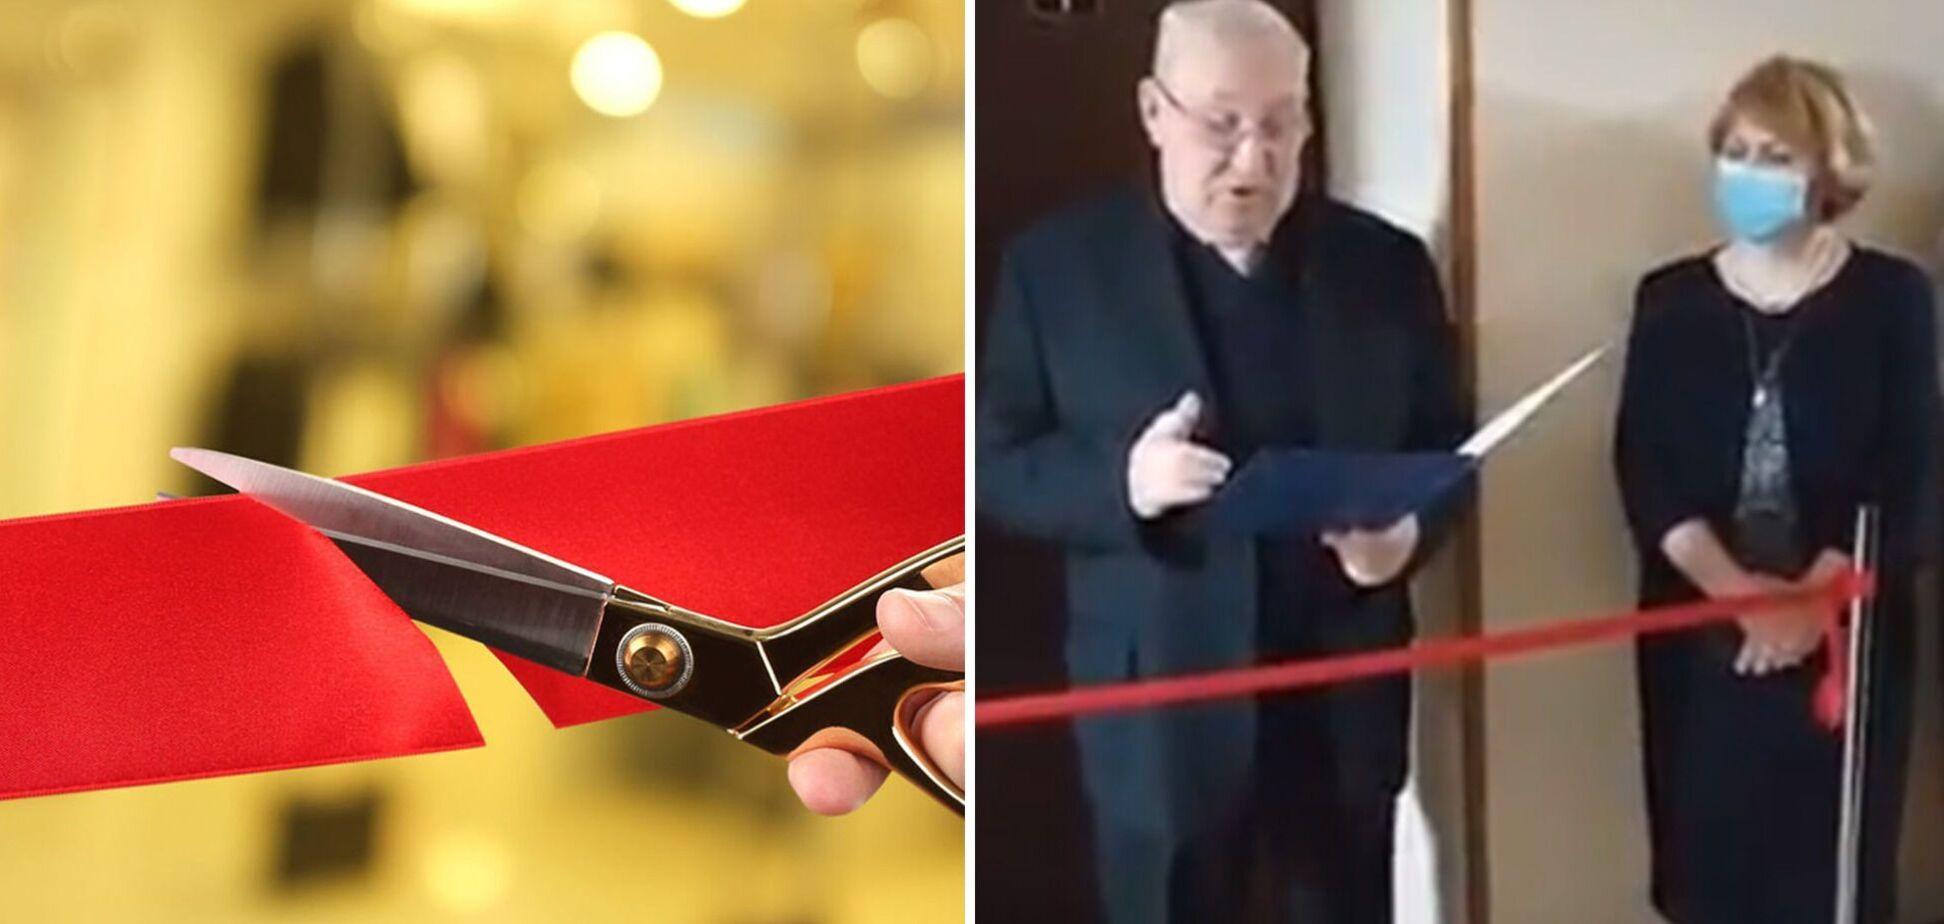 У Києві ЗВО, який потрапив у скандал із туалетом, не побачив в урочистостях нічого злочинного